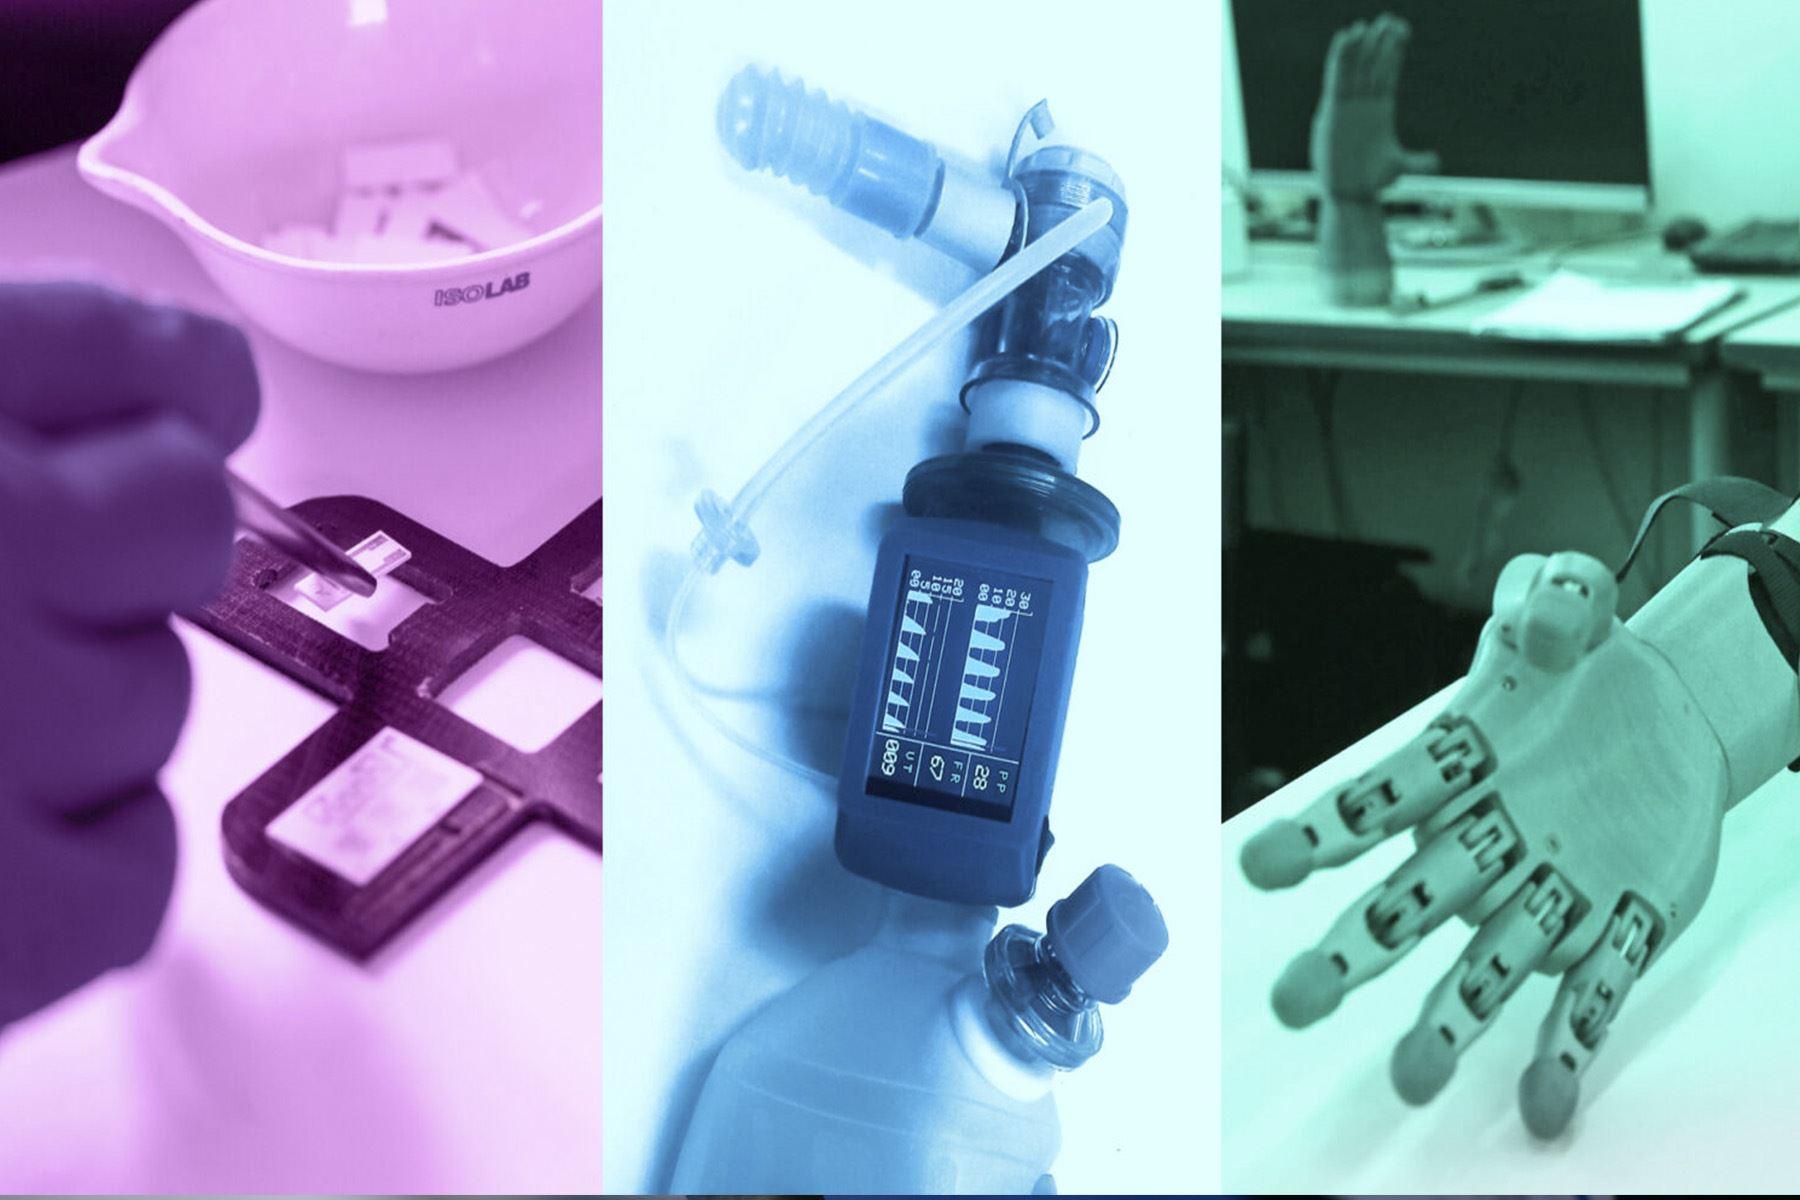 Tres inventos peruanos fueron reconocidos en la exhibición de inventos patentados más importante del mundo (Foto: PUCP)